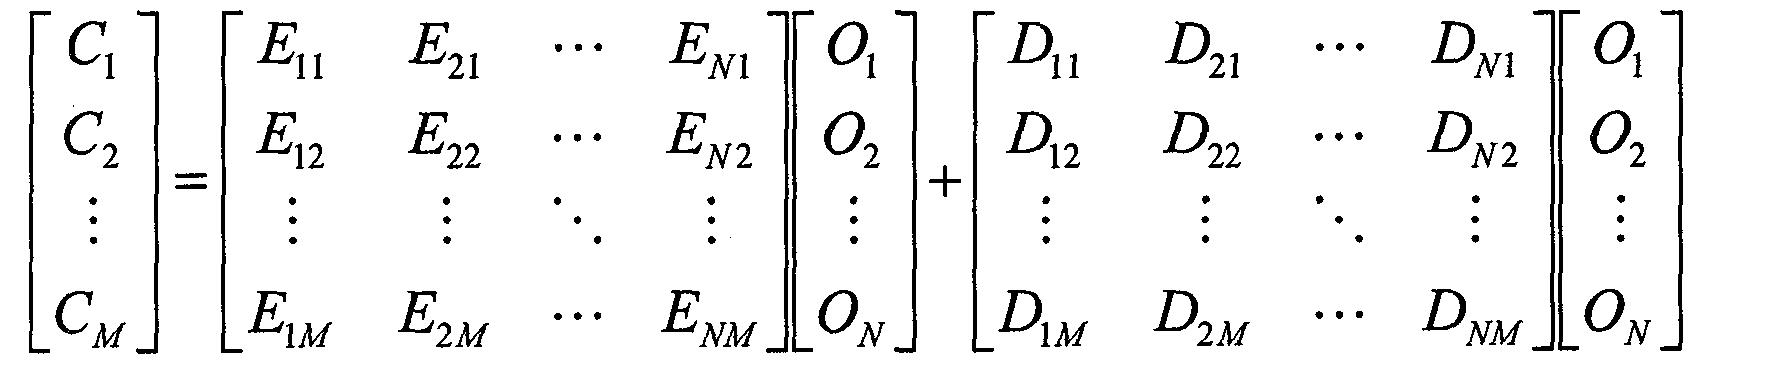 Figure CN101553867BD00142